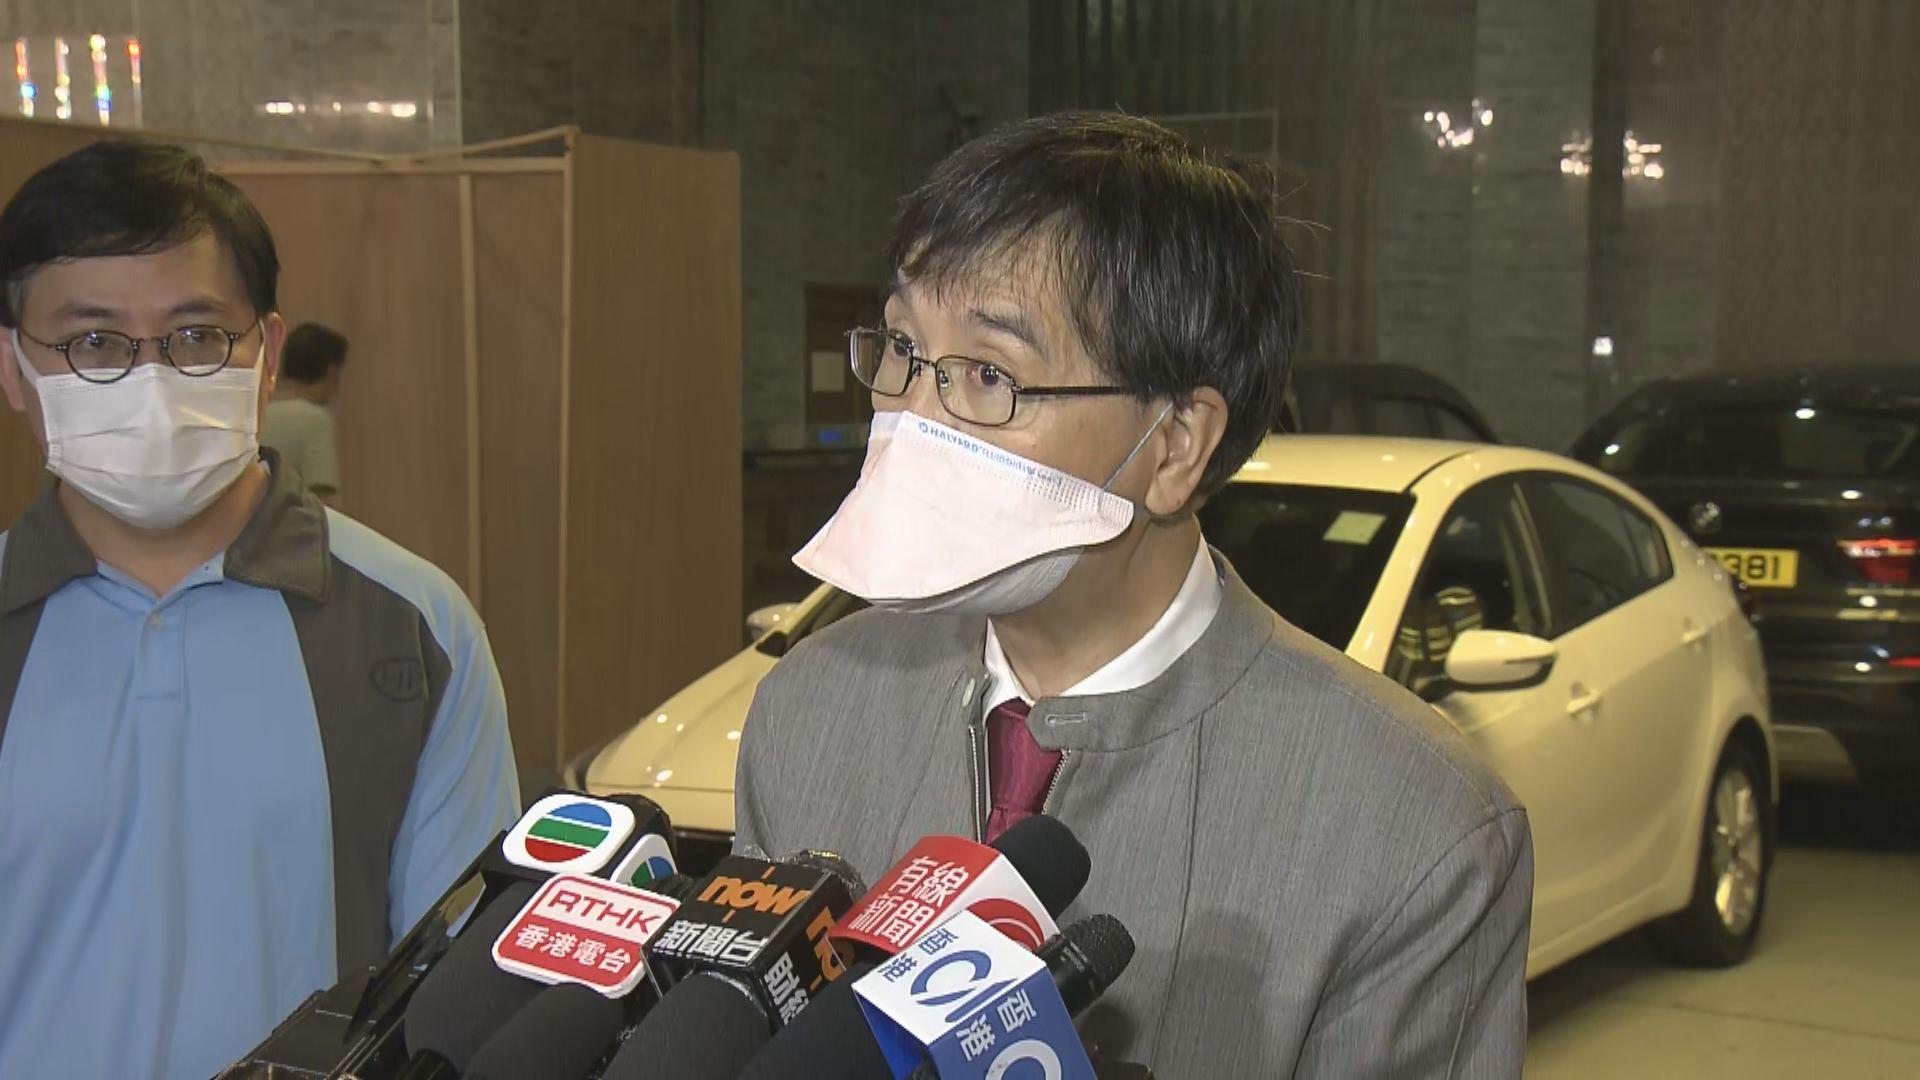 袁國勇:不排除初確菲傭於檢疫酒店內經空氣傳播感染